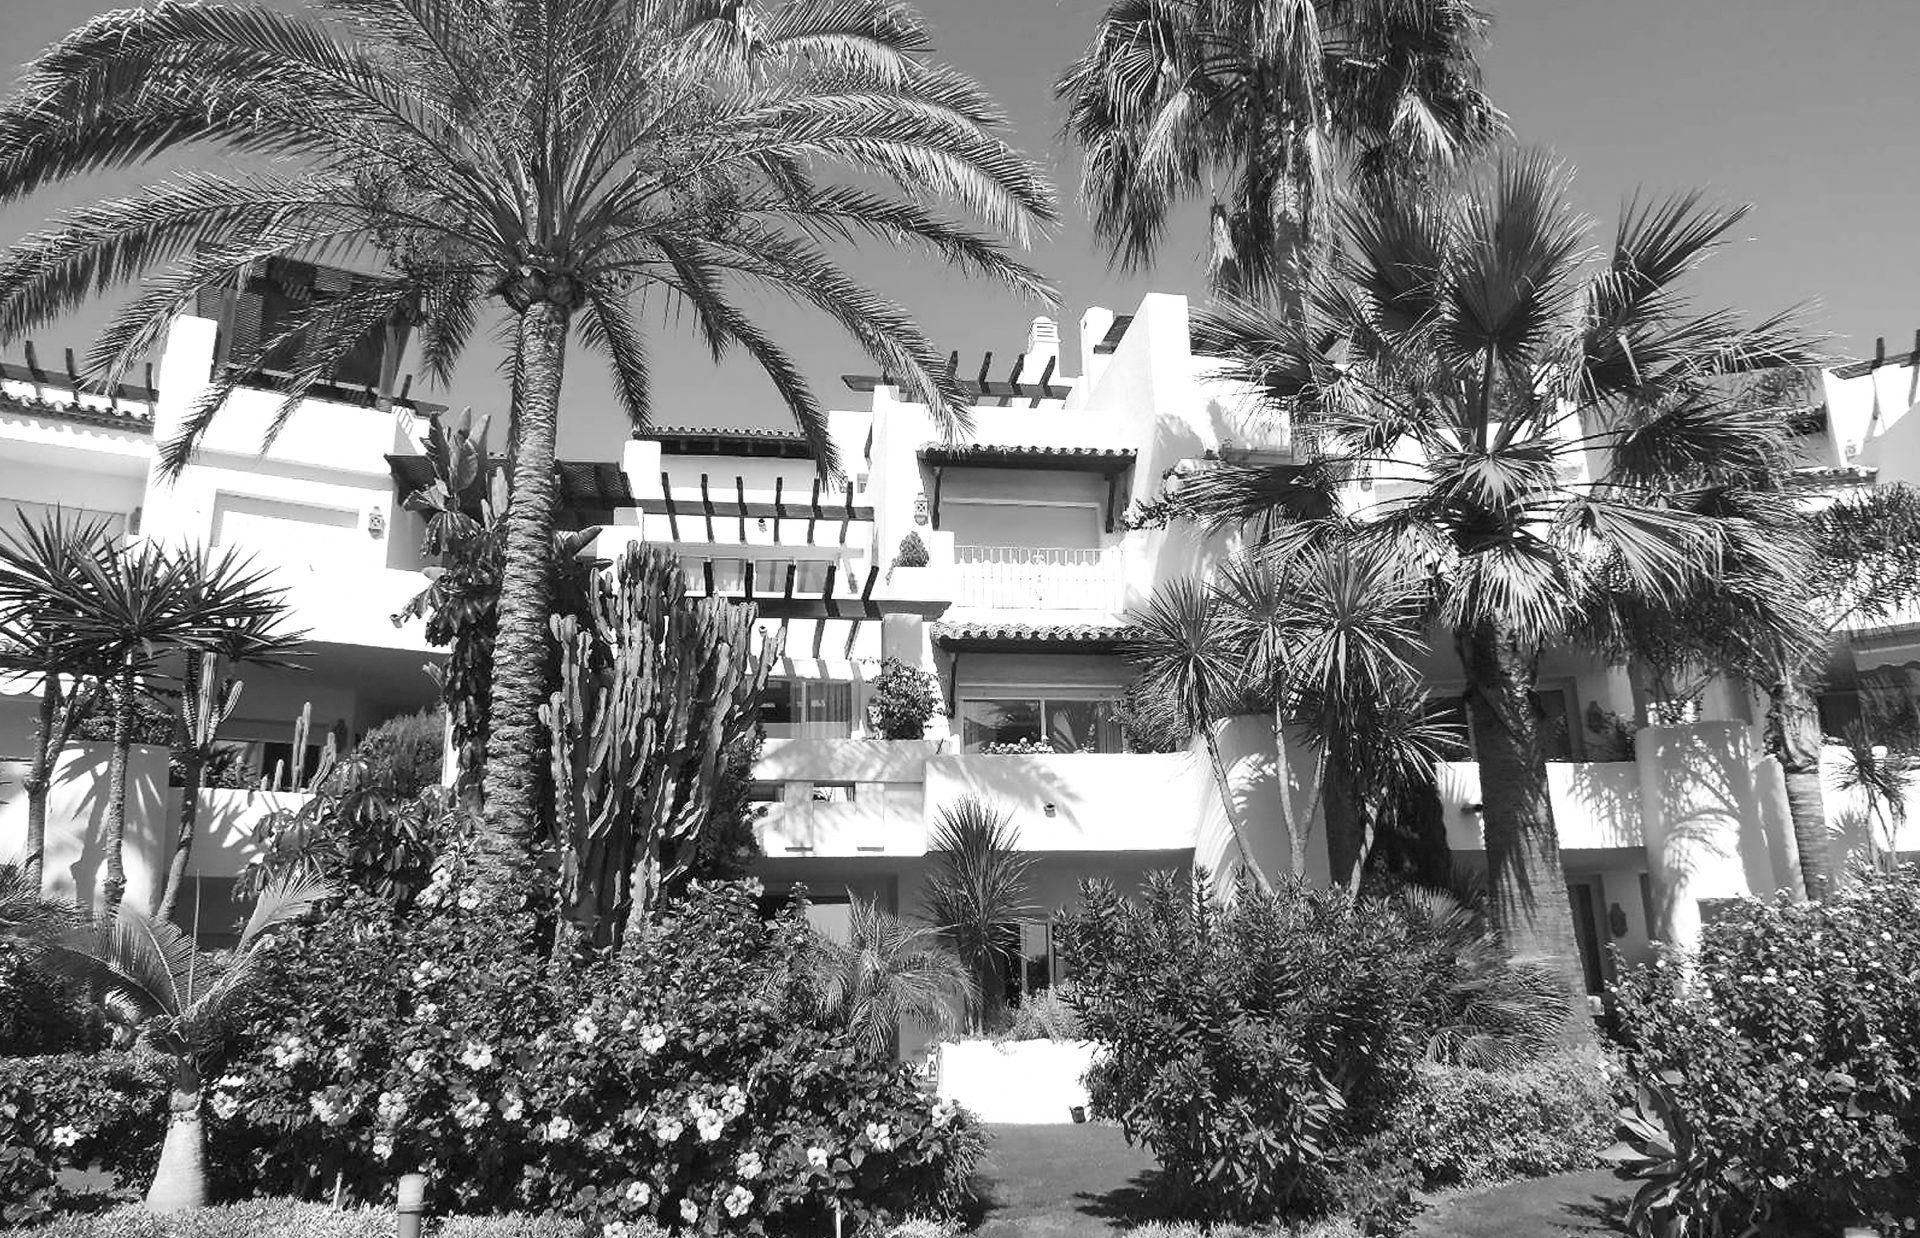 Jardinería Urbanización Alicate, Marbella